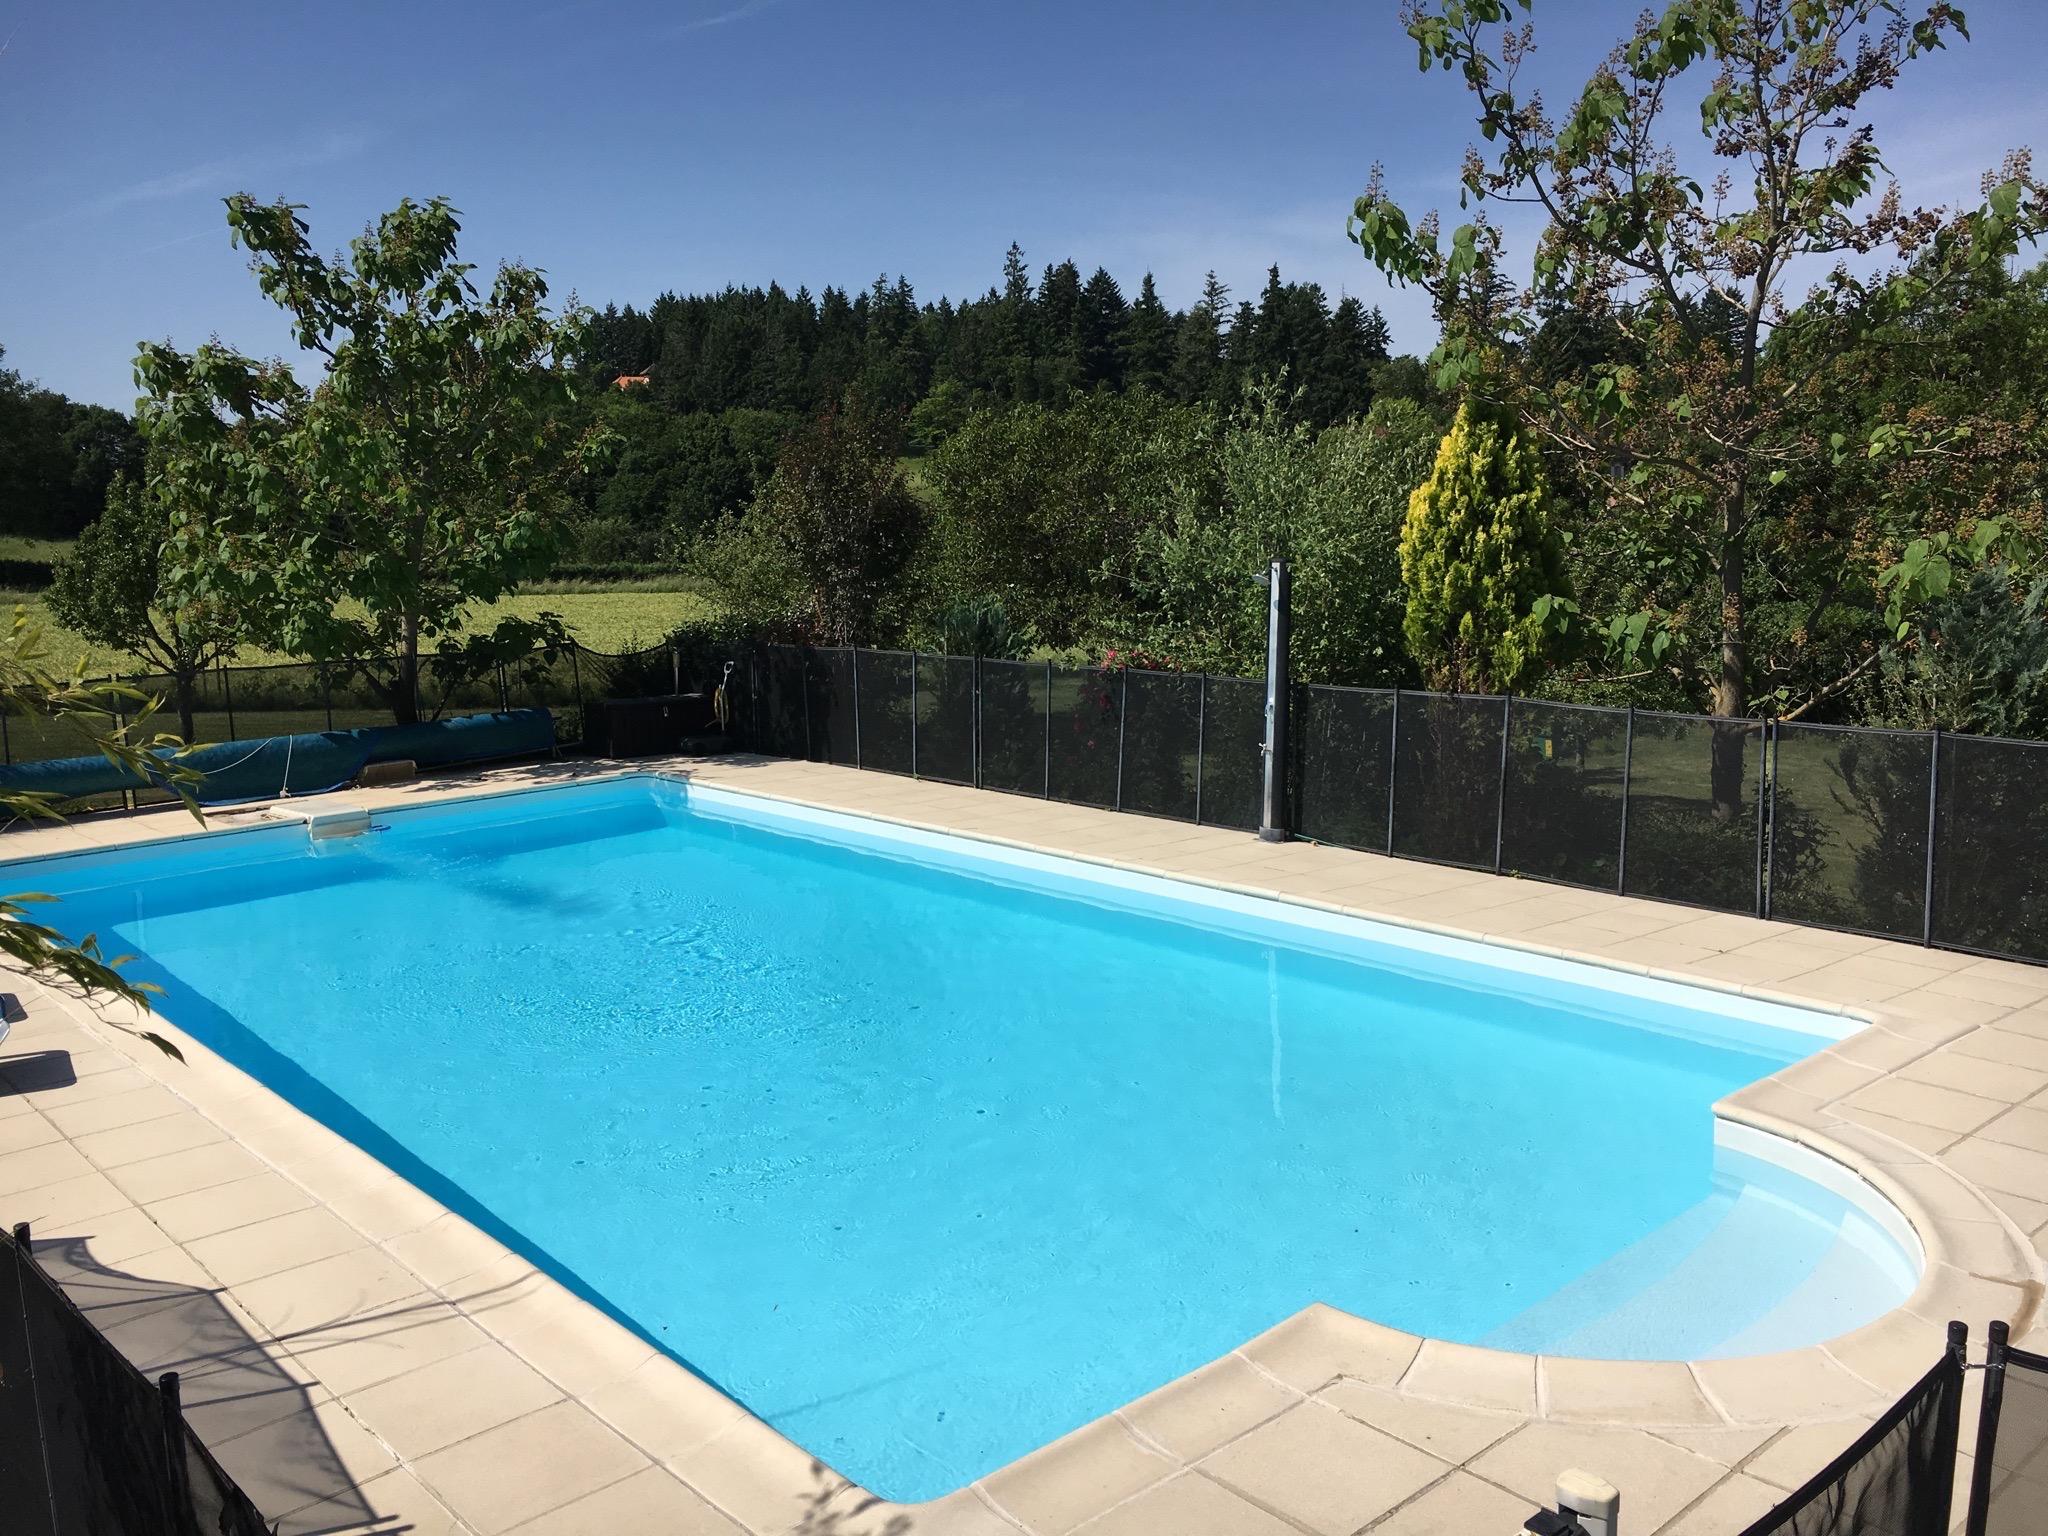 vacances-famille-piscine